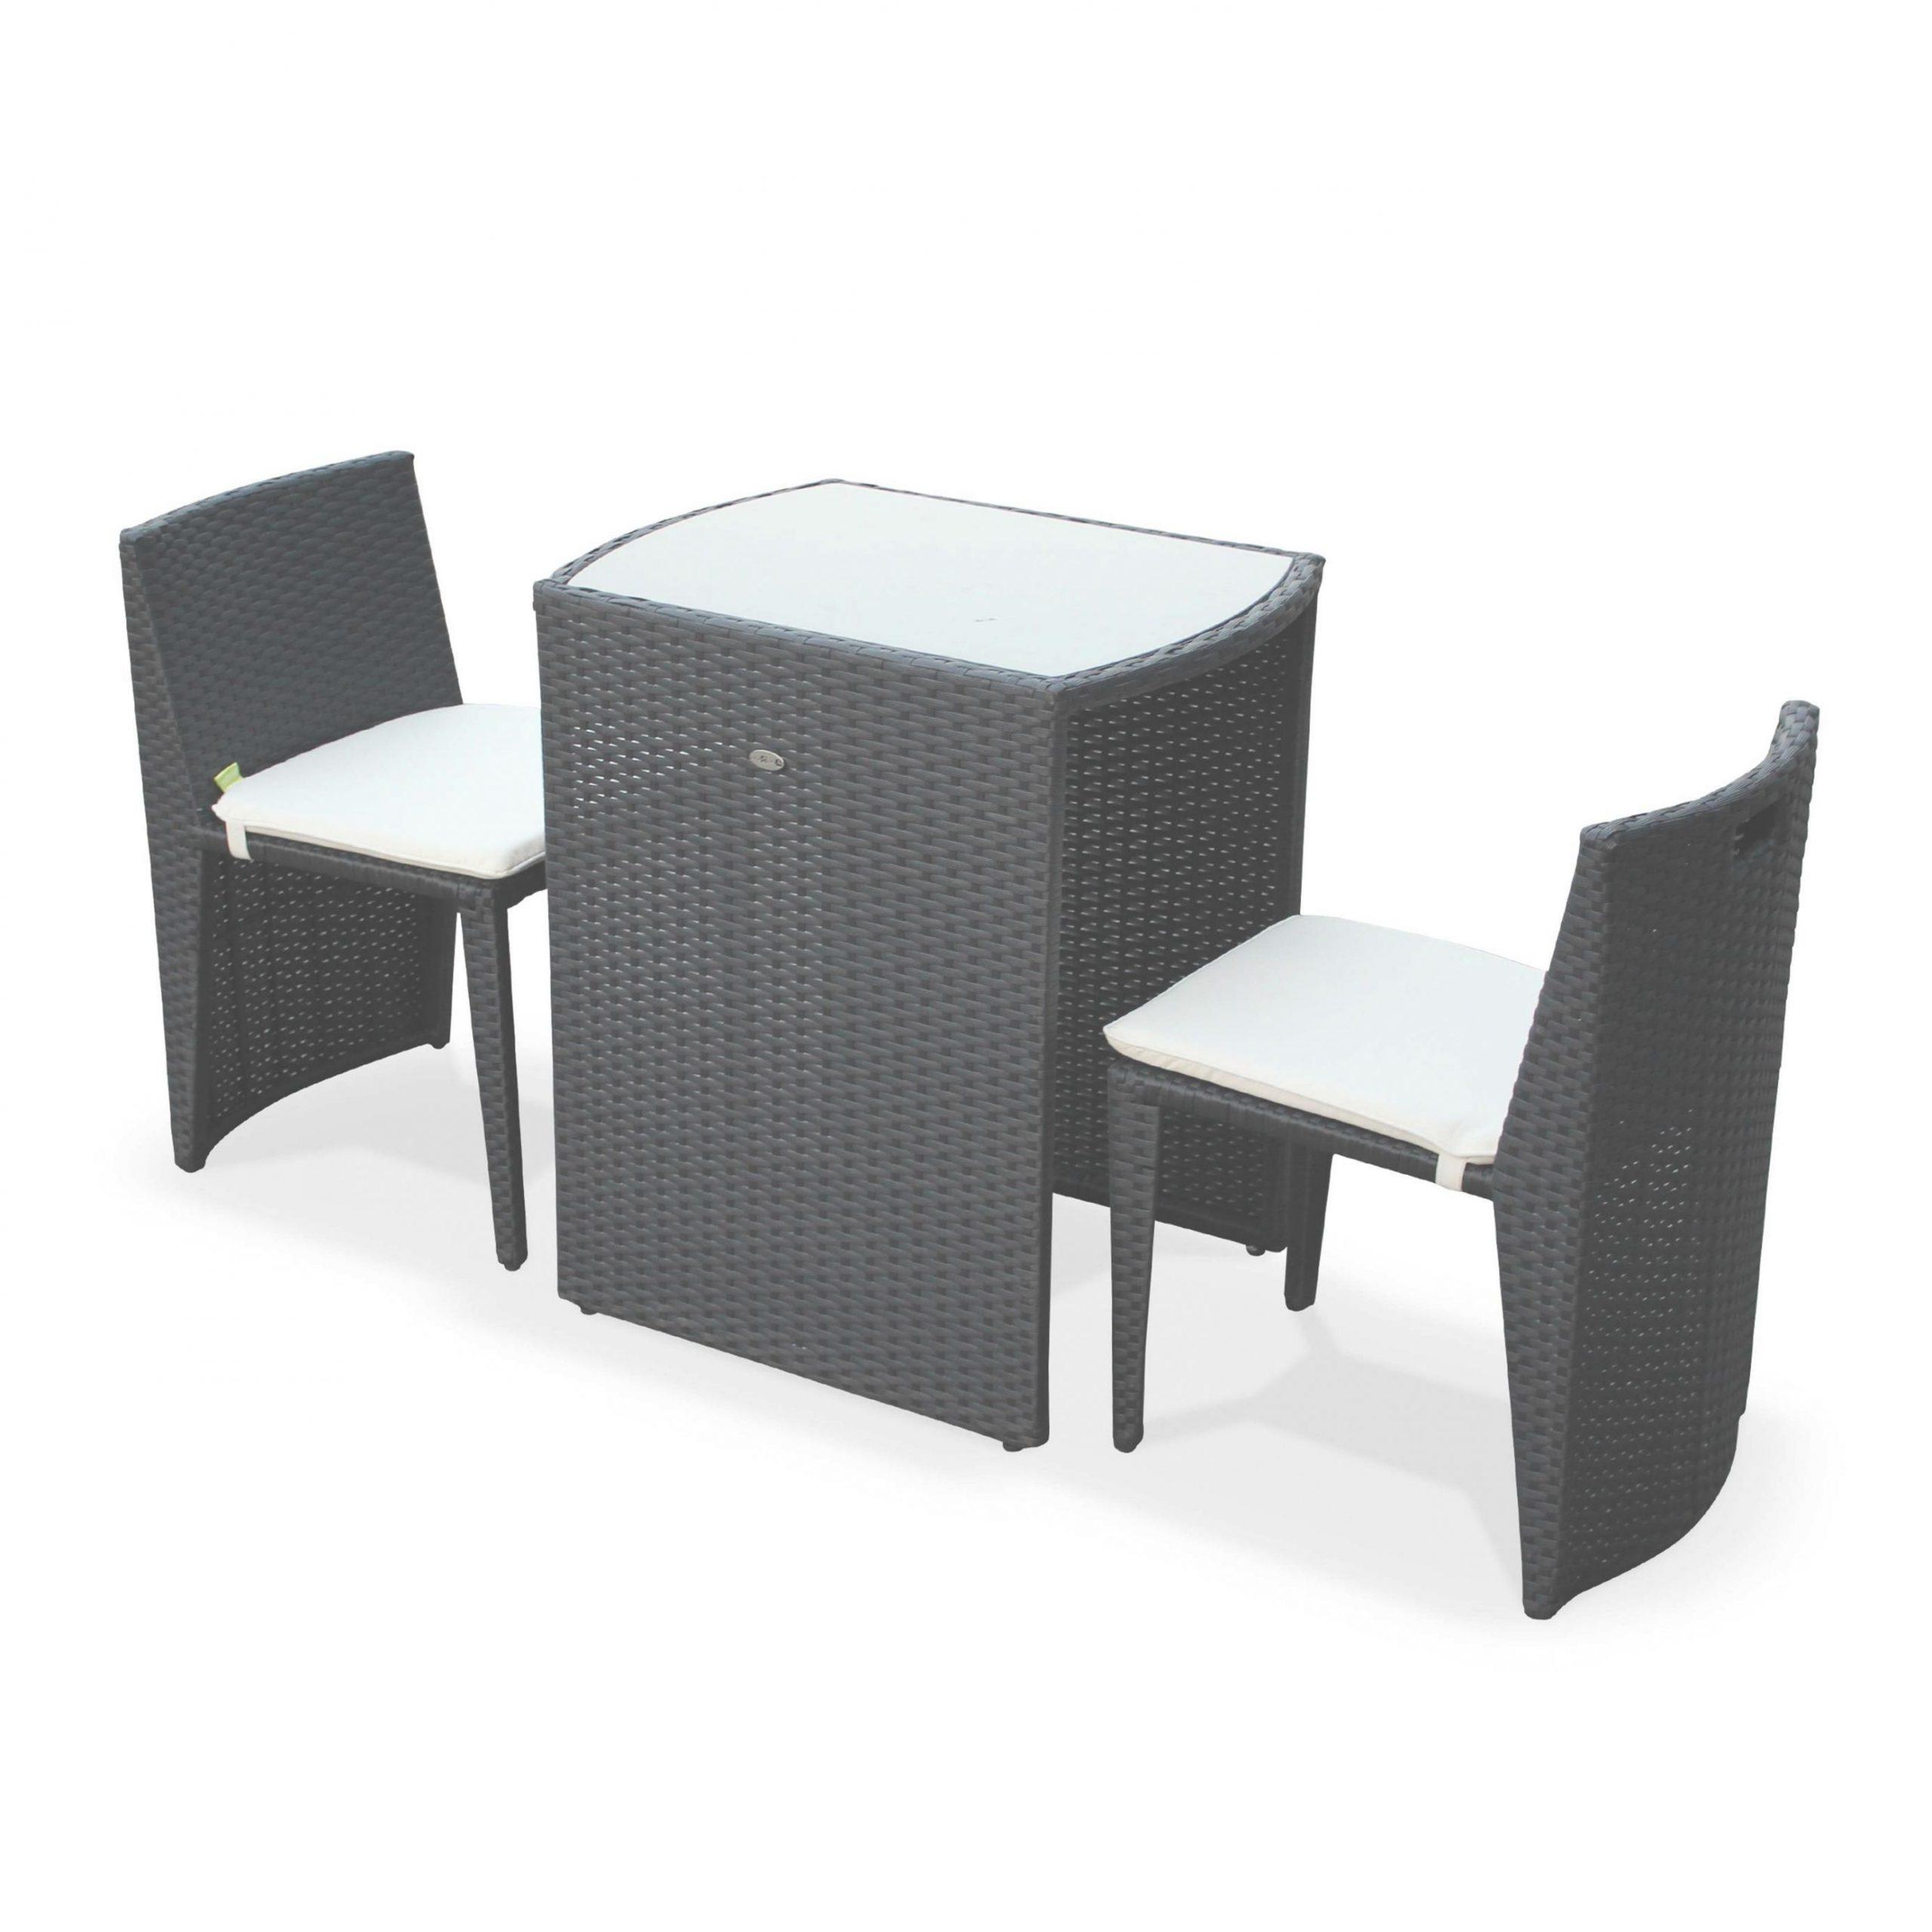 À Nouveau Table Salon Frais De Couette Ikea Blanc Lit Casa ... pour Casa Salon De Jardin